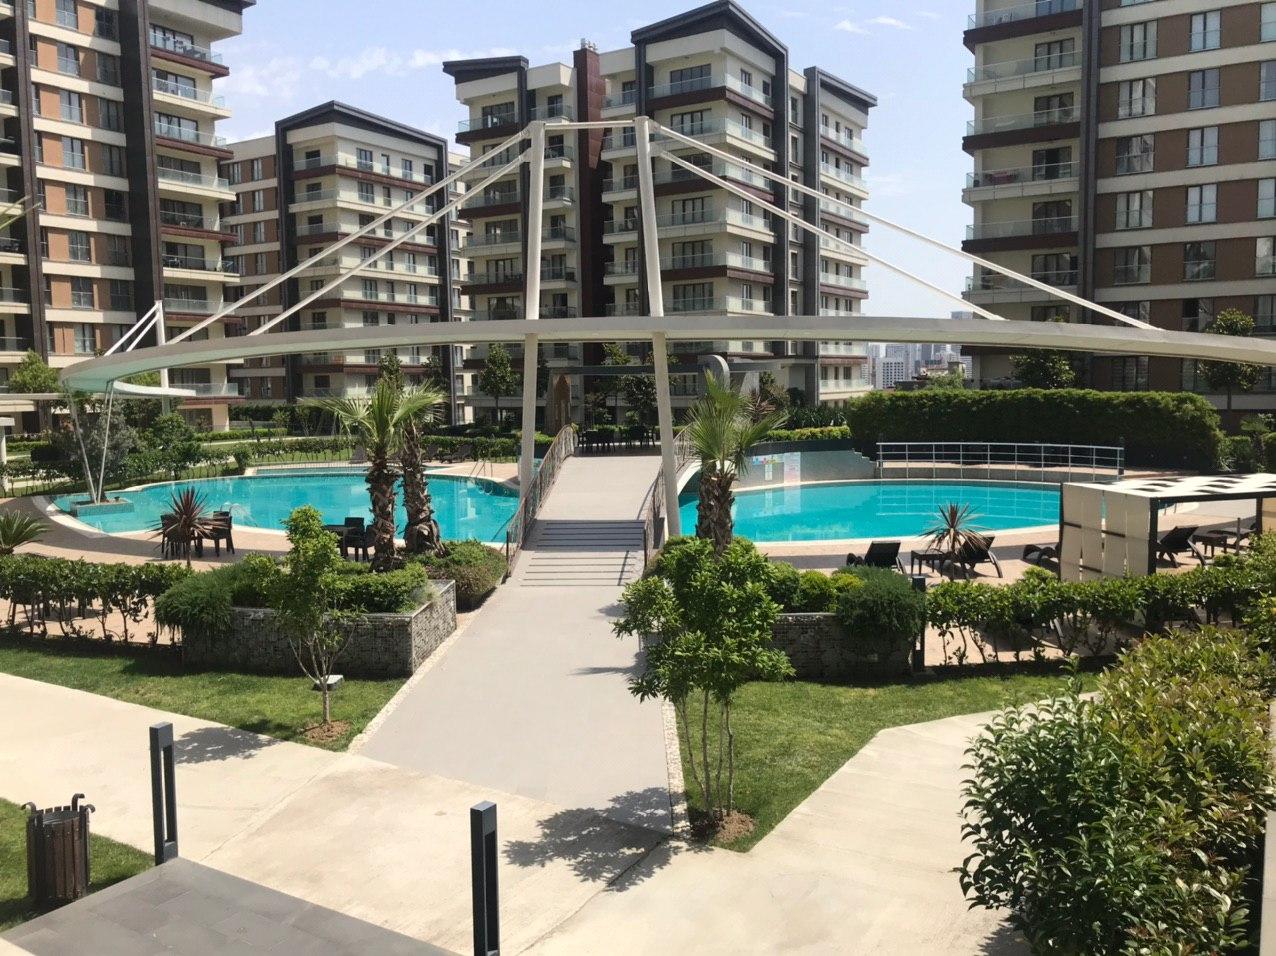 Апартаменты в жилом комплексе Стамбула - Фото 14